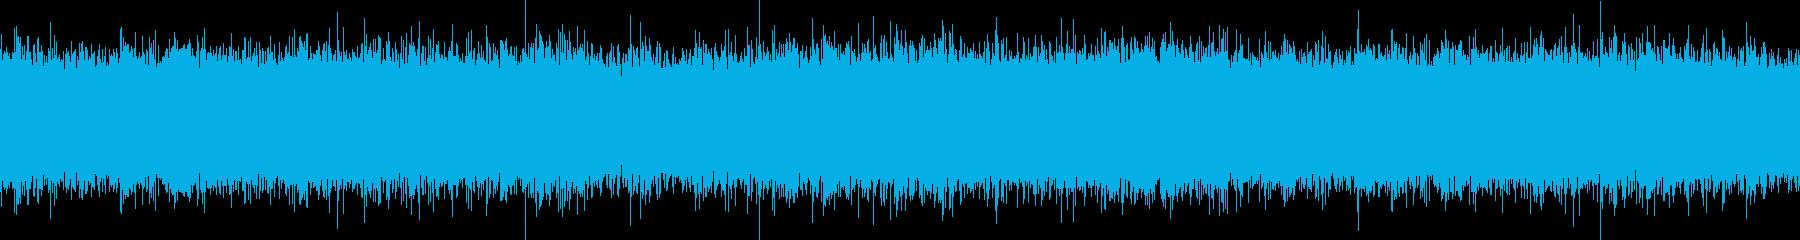 川のせせらぎ 水の流れる音 ループ可の再生済みの波形